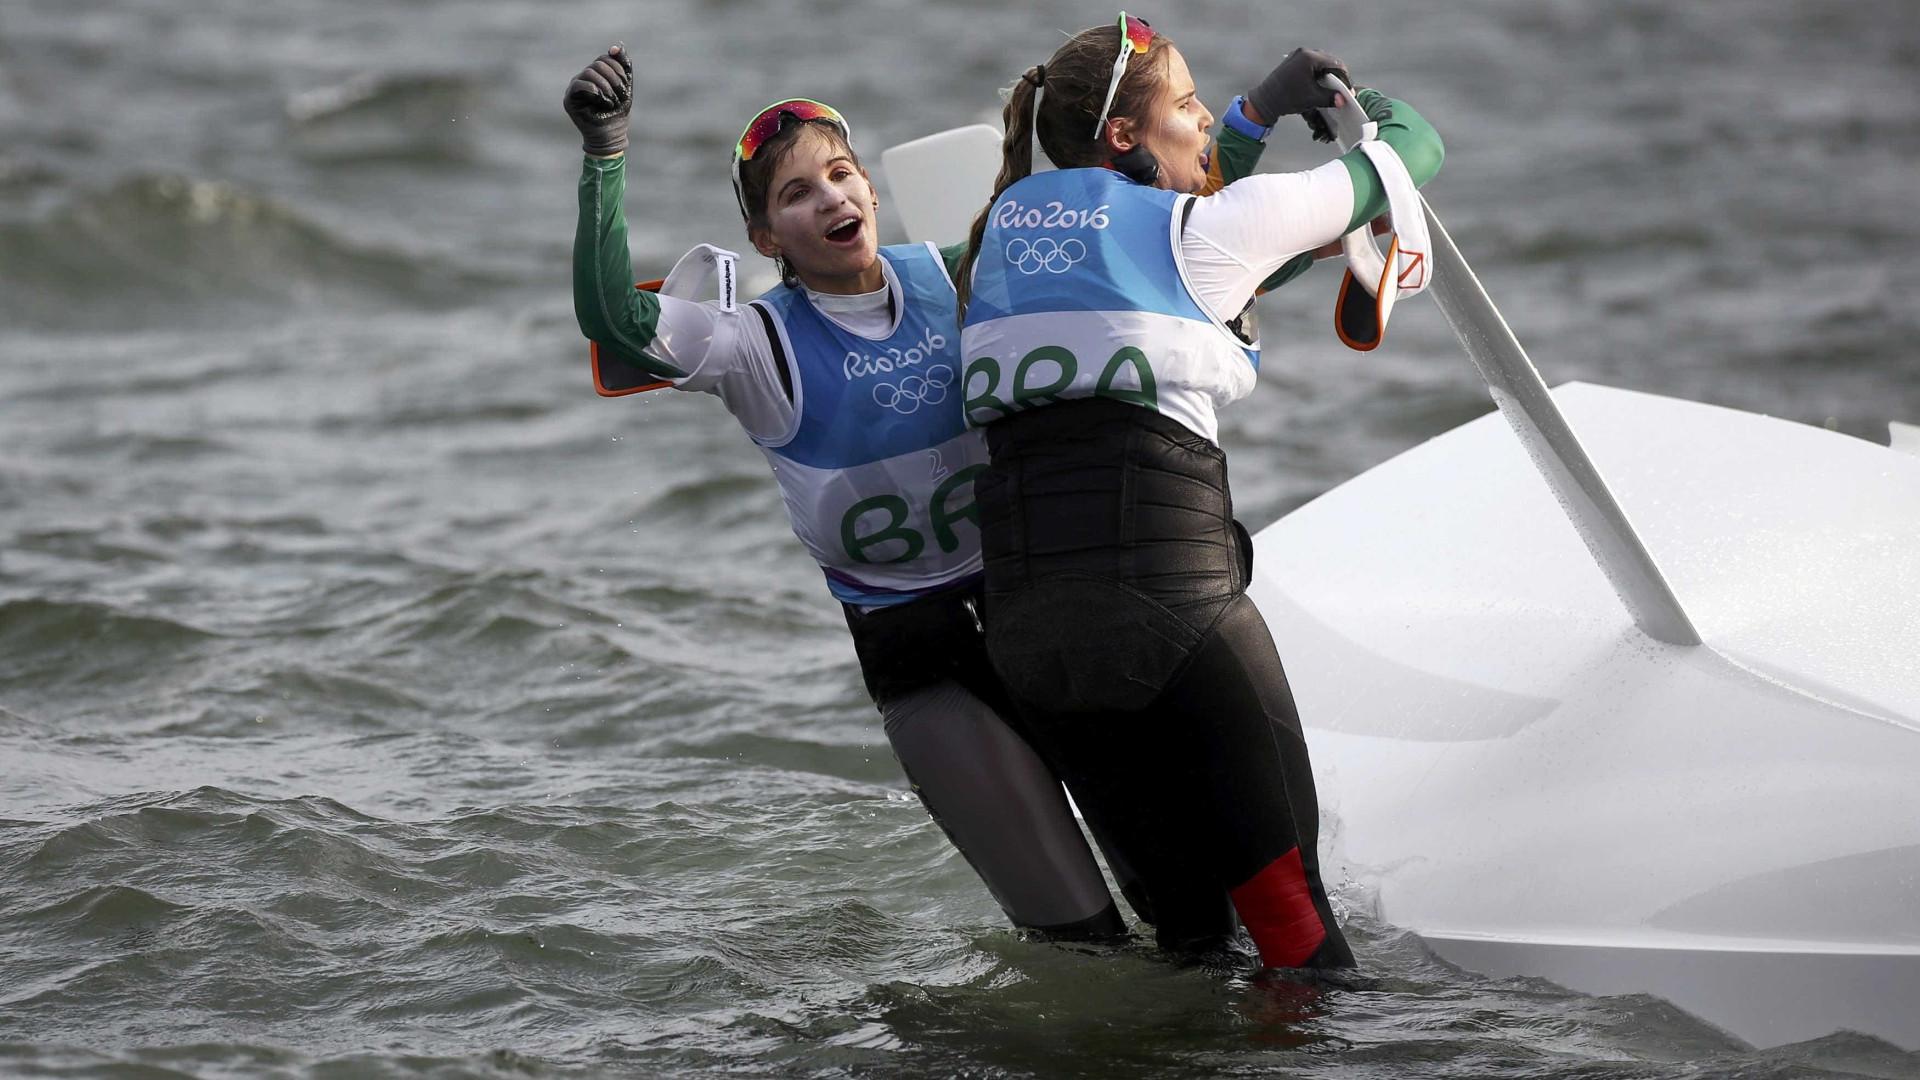 Na Dinamarca, Brasil tem pior desempenho na história em Mundial de vela